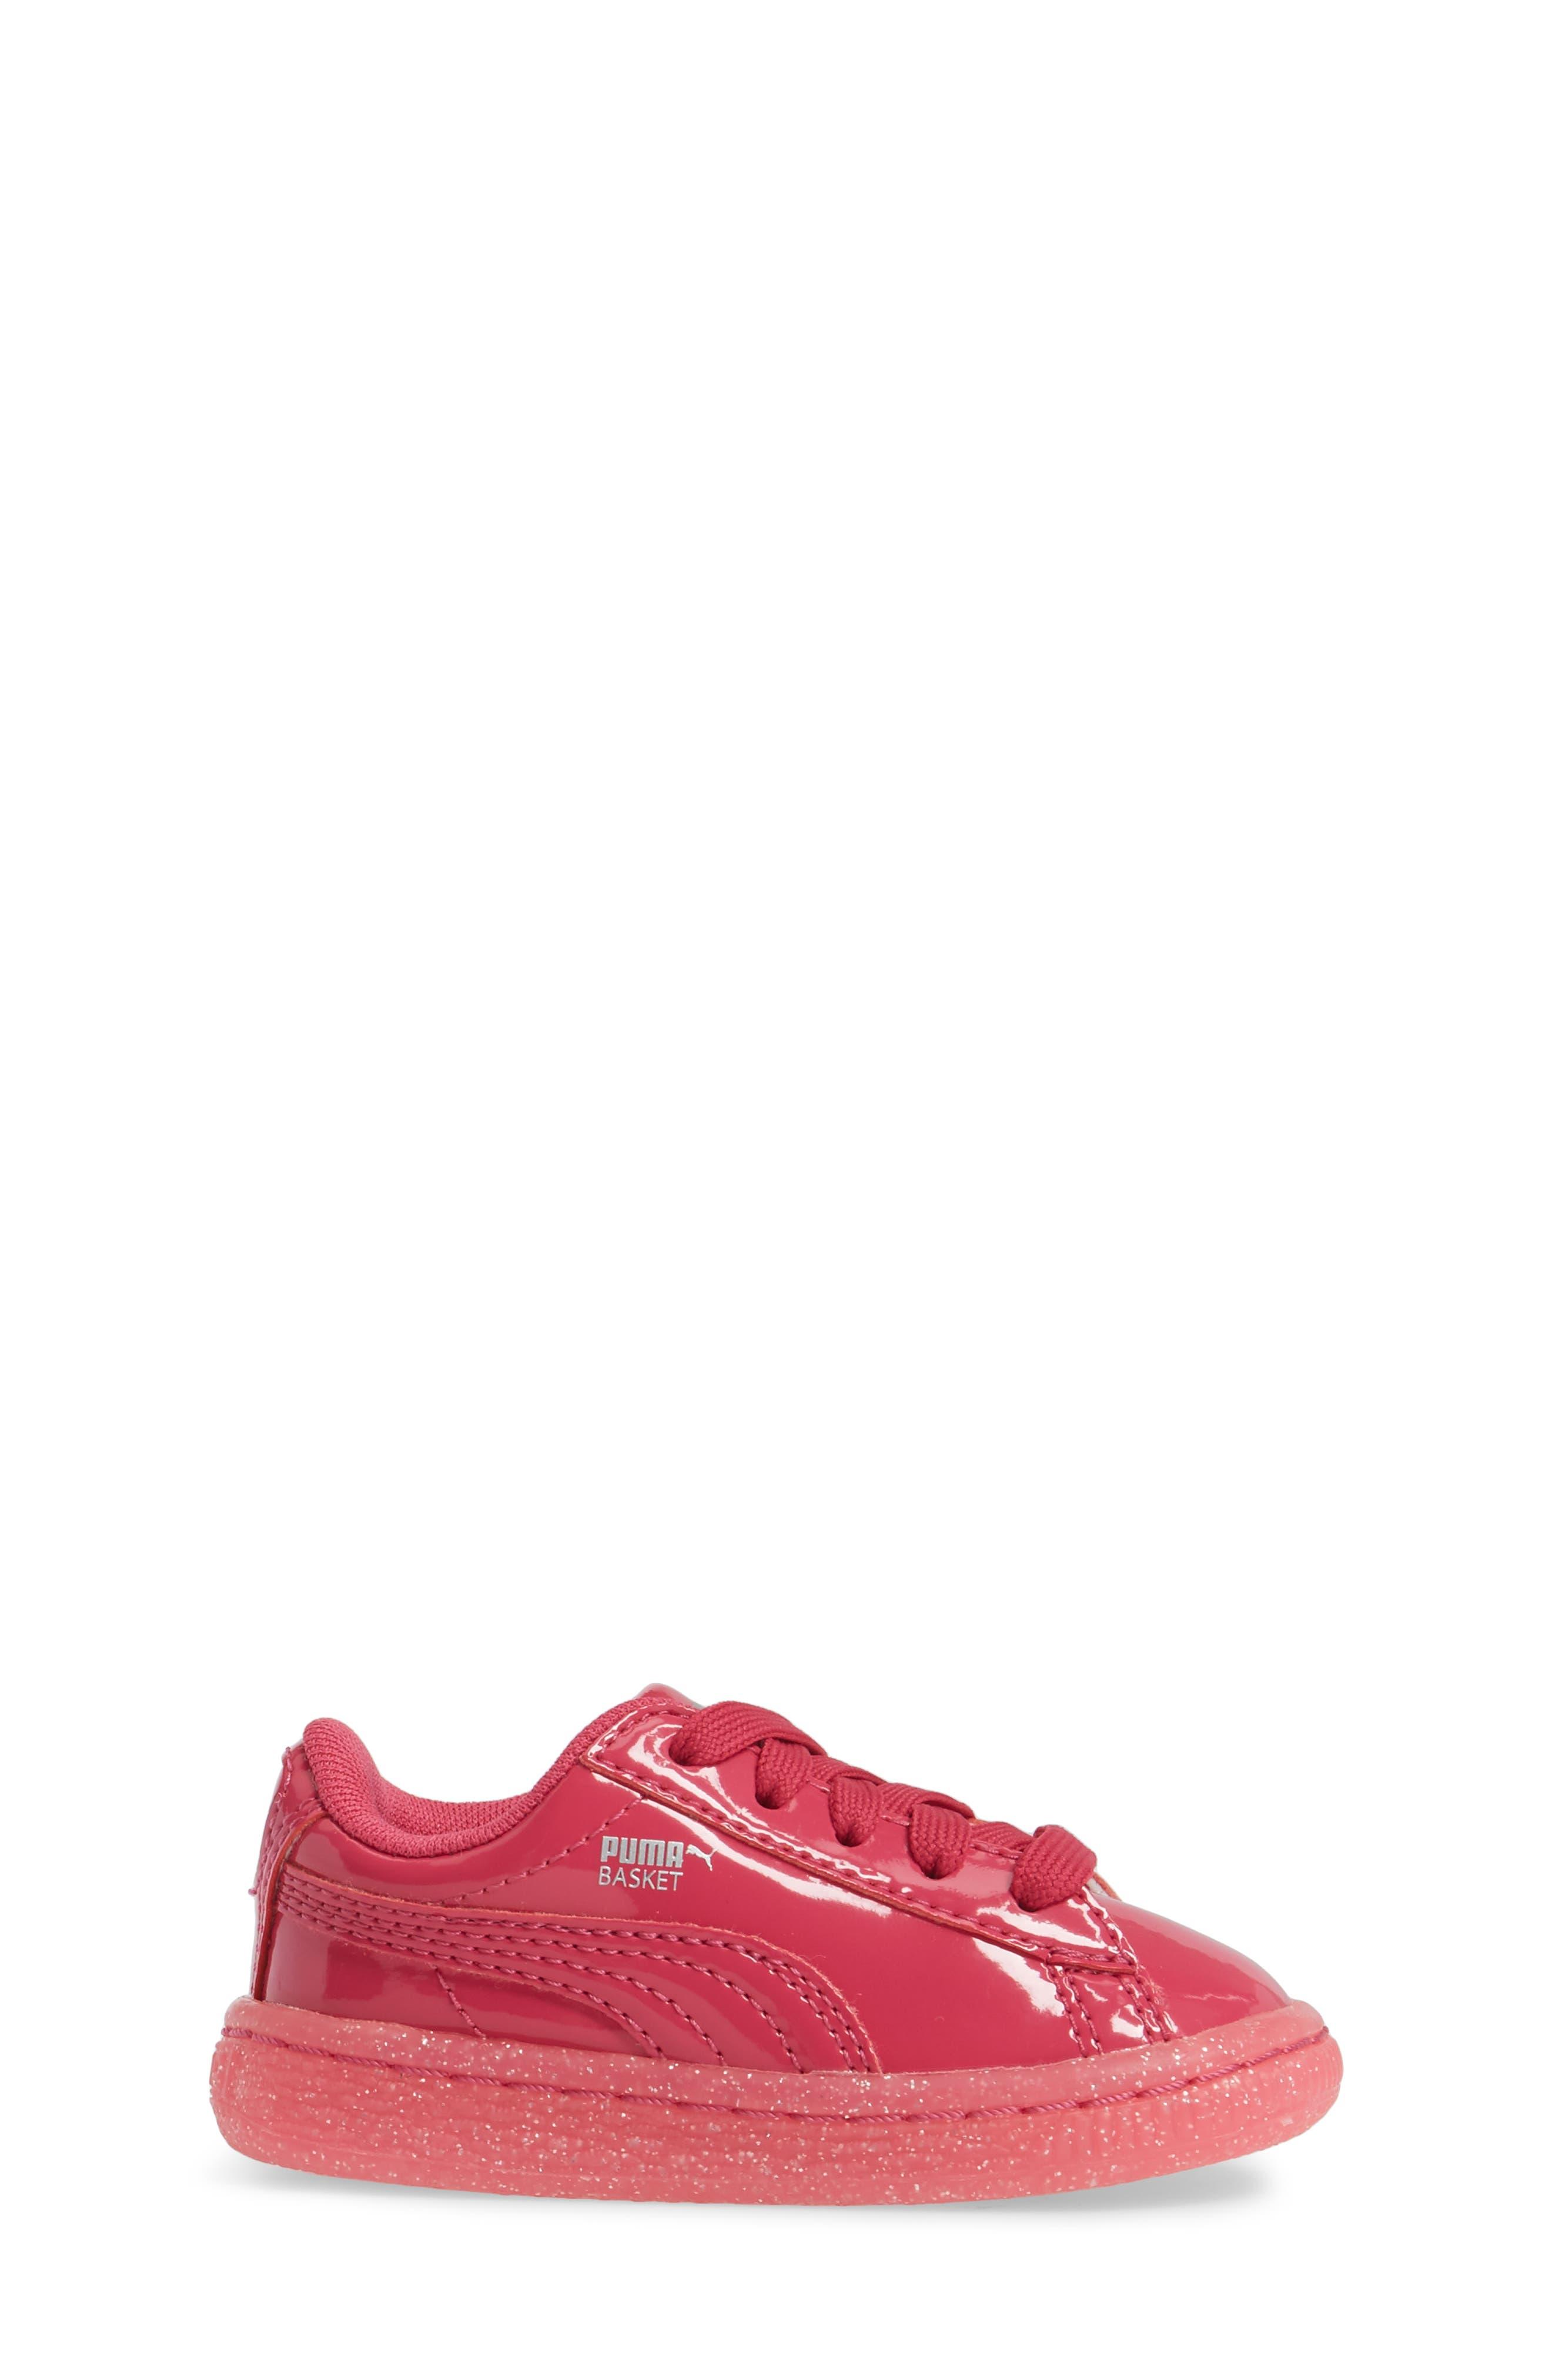 Basket Iced Glitter Sneaker,                             Alternate thumbnail 3, color,                             505